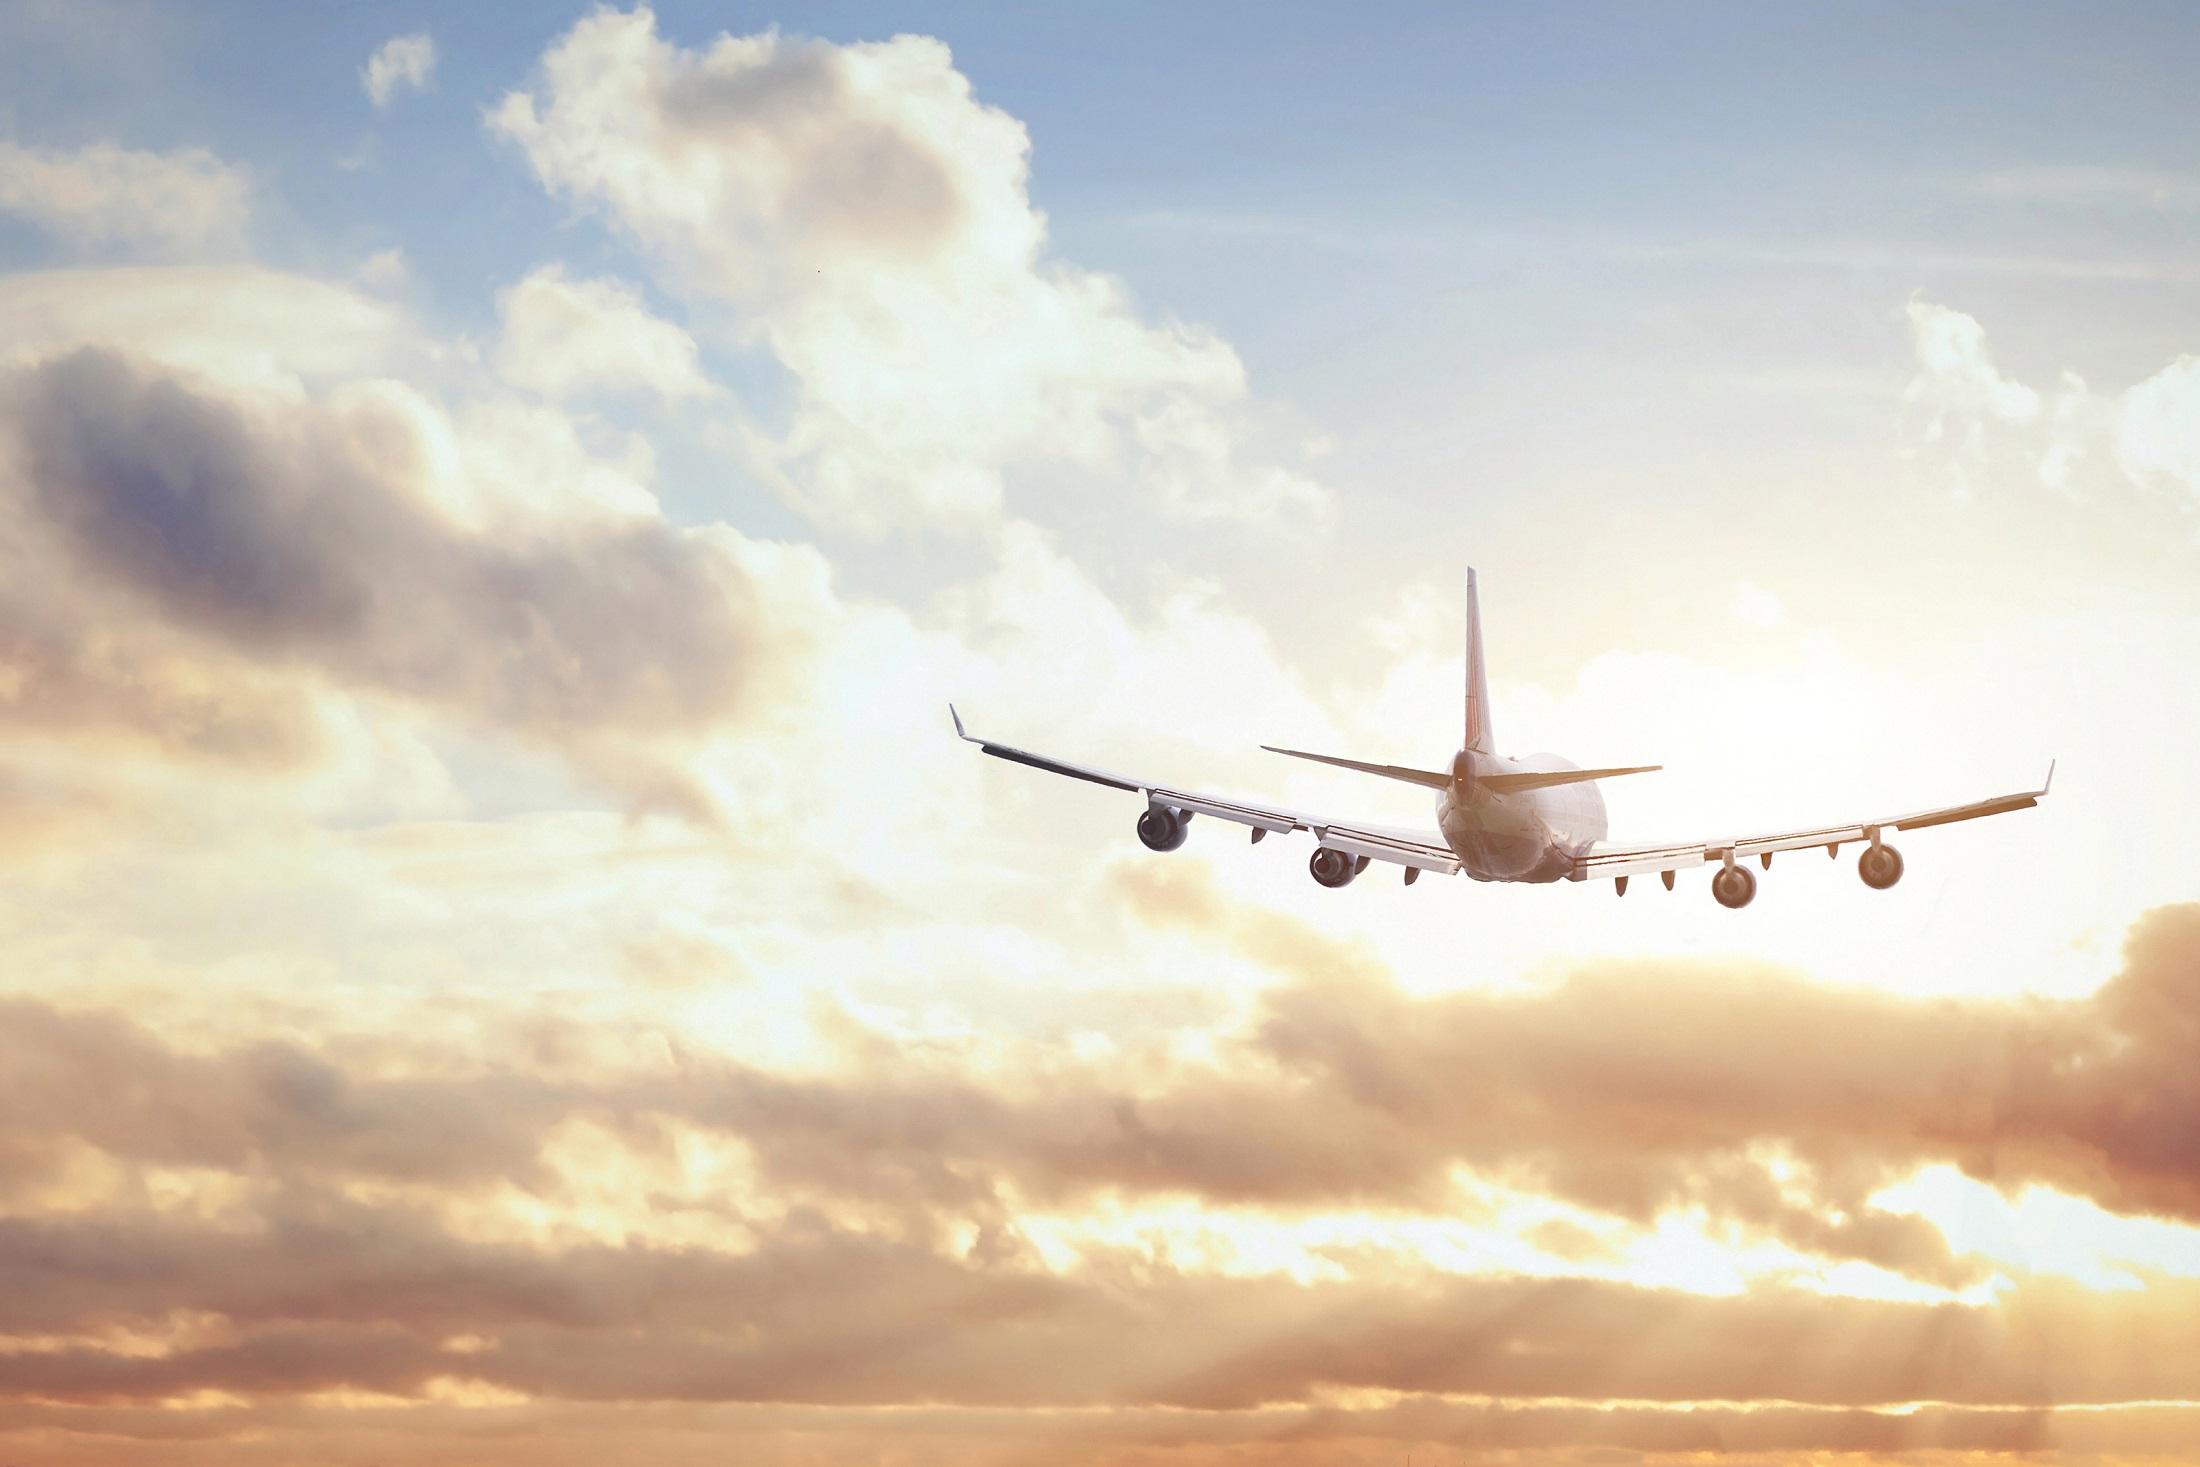 Å  fly  er  sikrere  enn  å  gå  gatelangs.